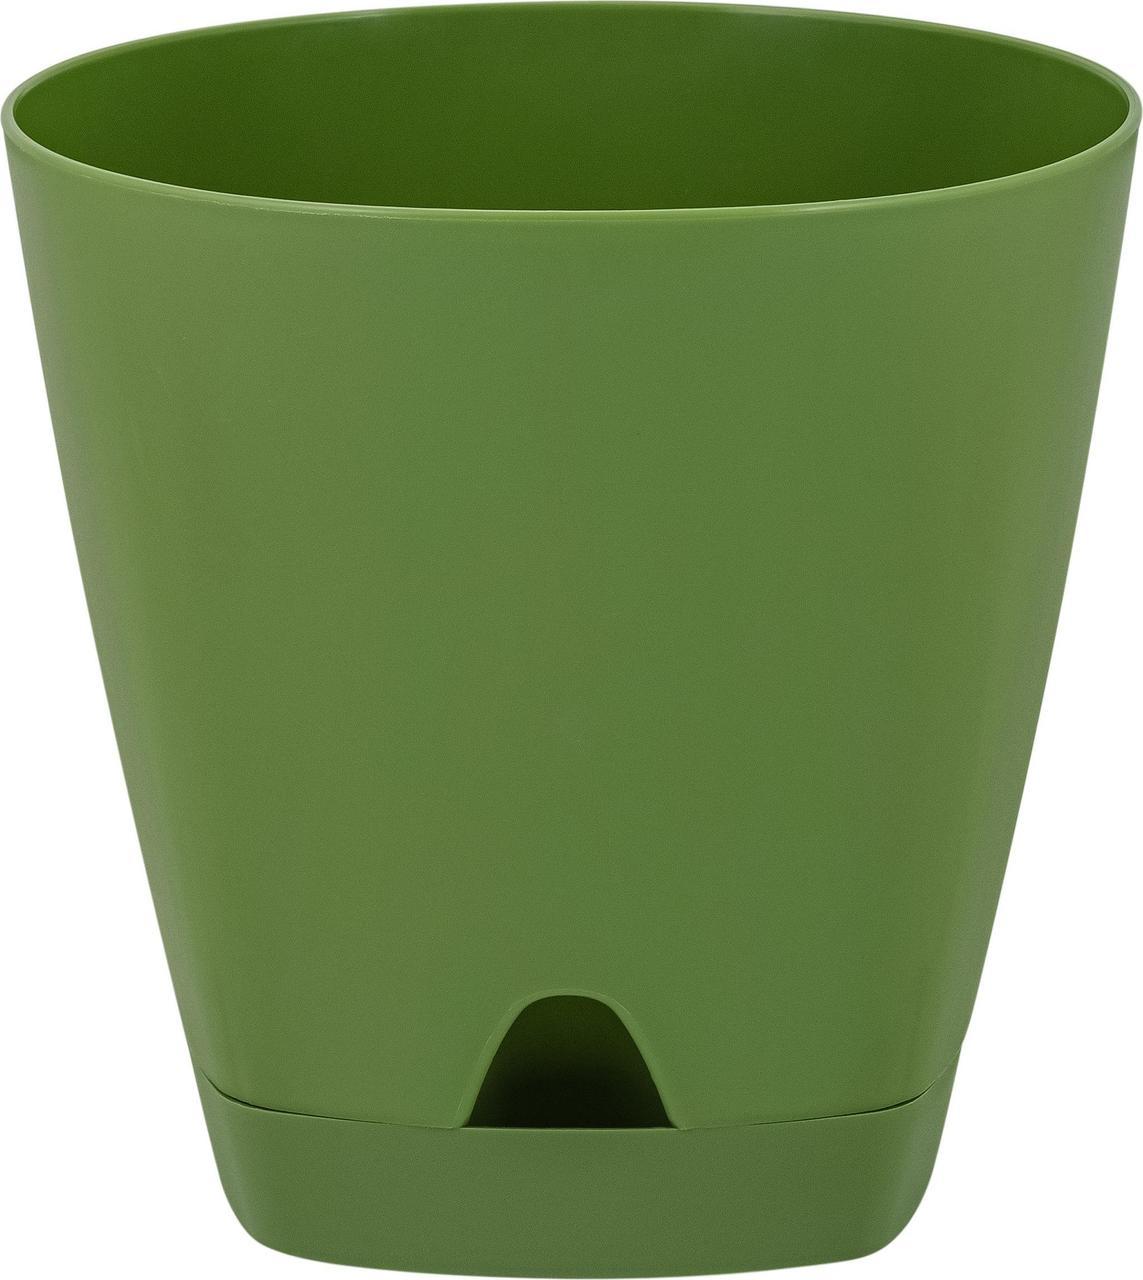 Горшок для цветов  AMSTERDAM D 140 mm/1,35l с прикорневым поливом оливковый